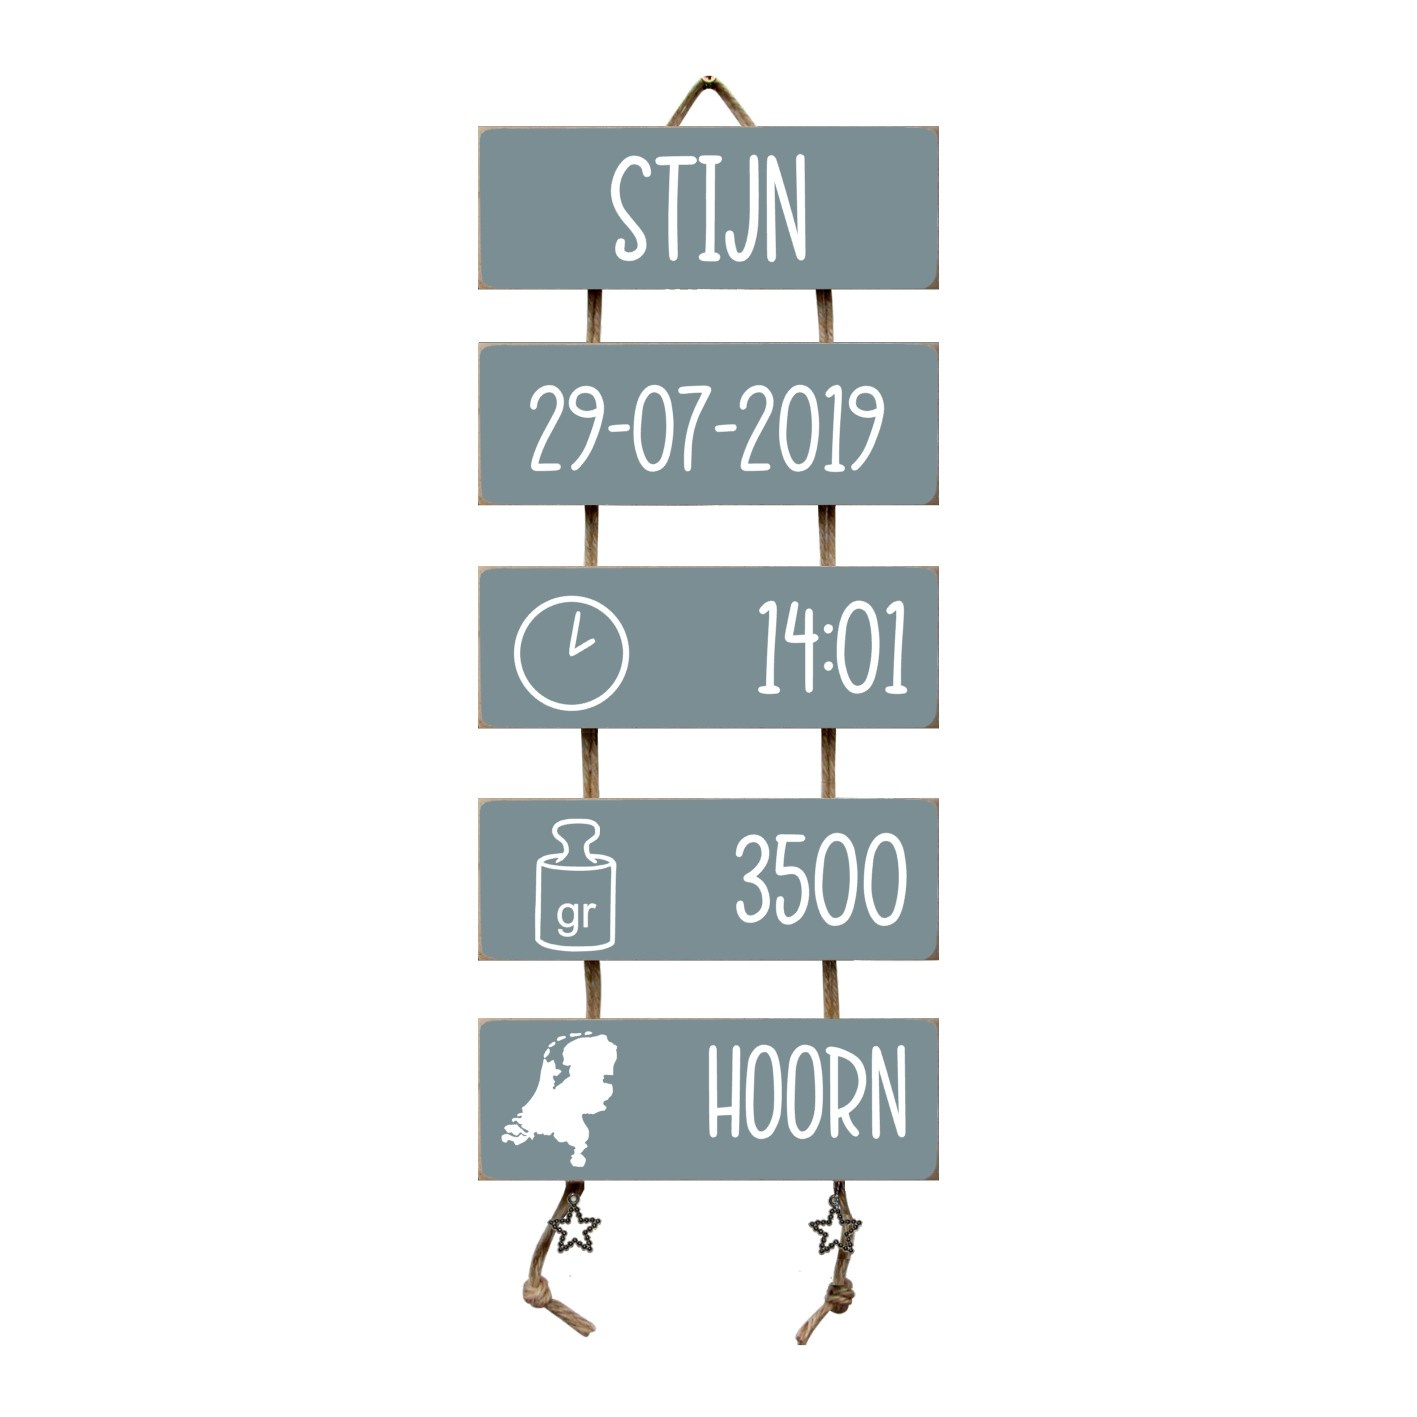 Kraamcadeau Geboorteladder Stijn Denim Drift  Flexa